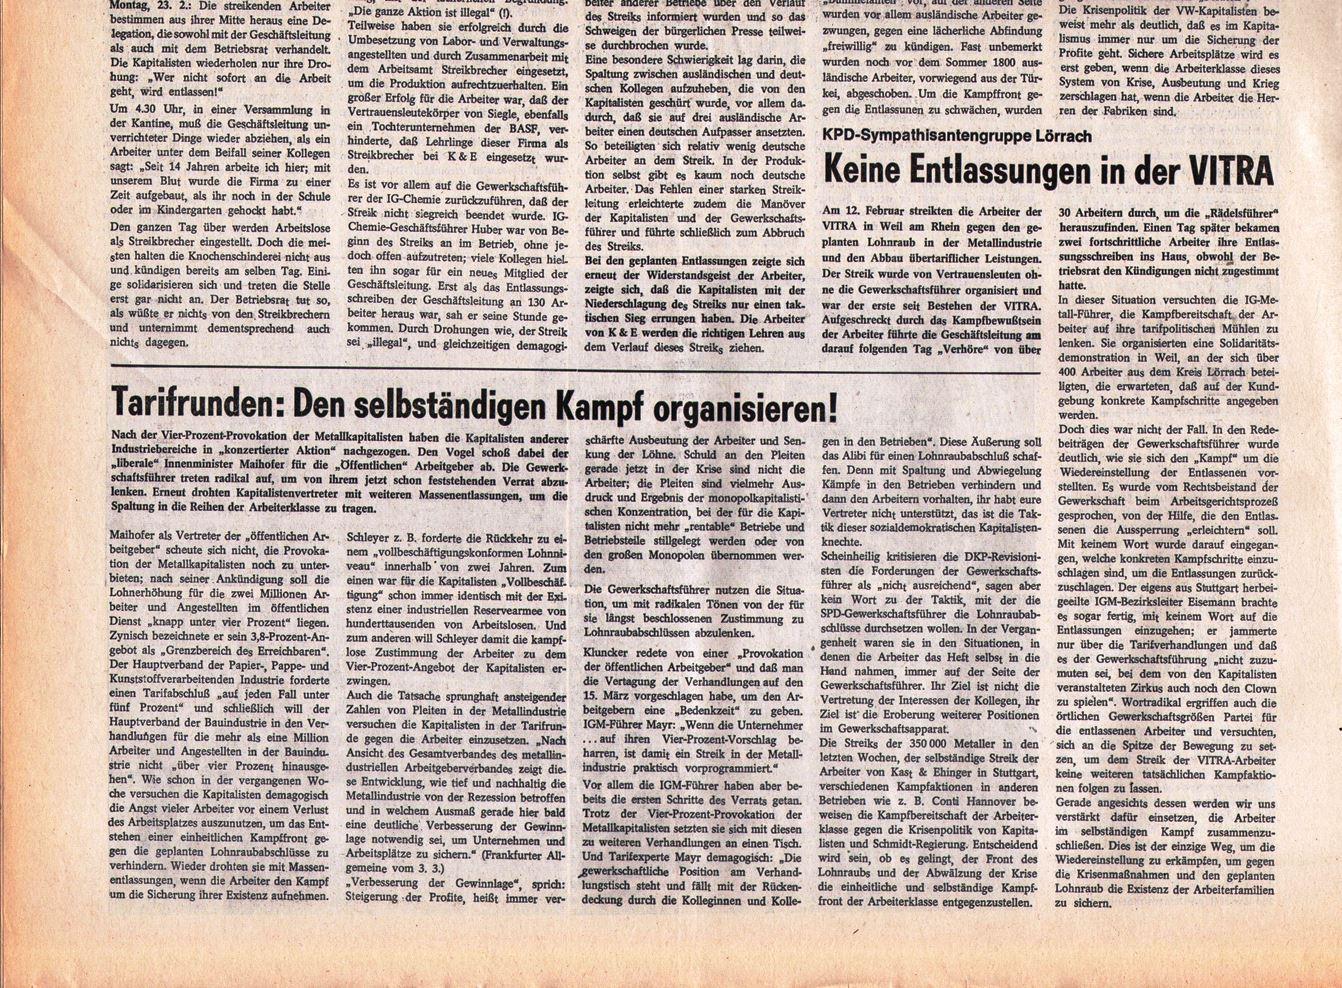 KPD_Rote_Fahne_1976_10_08